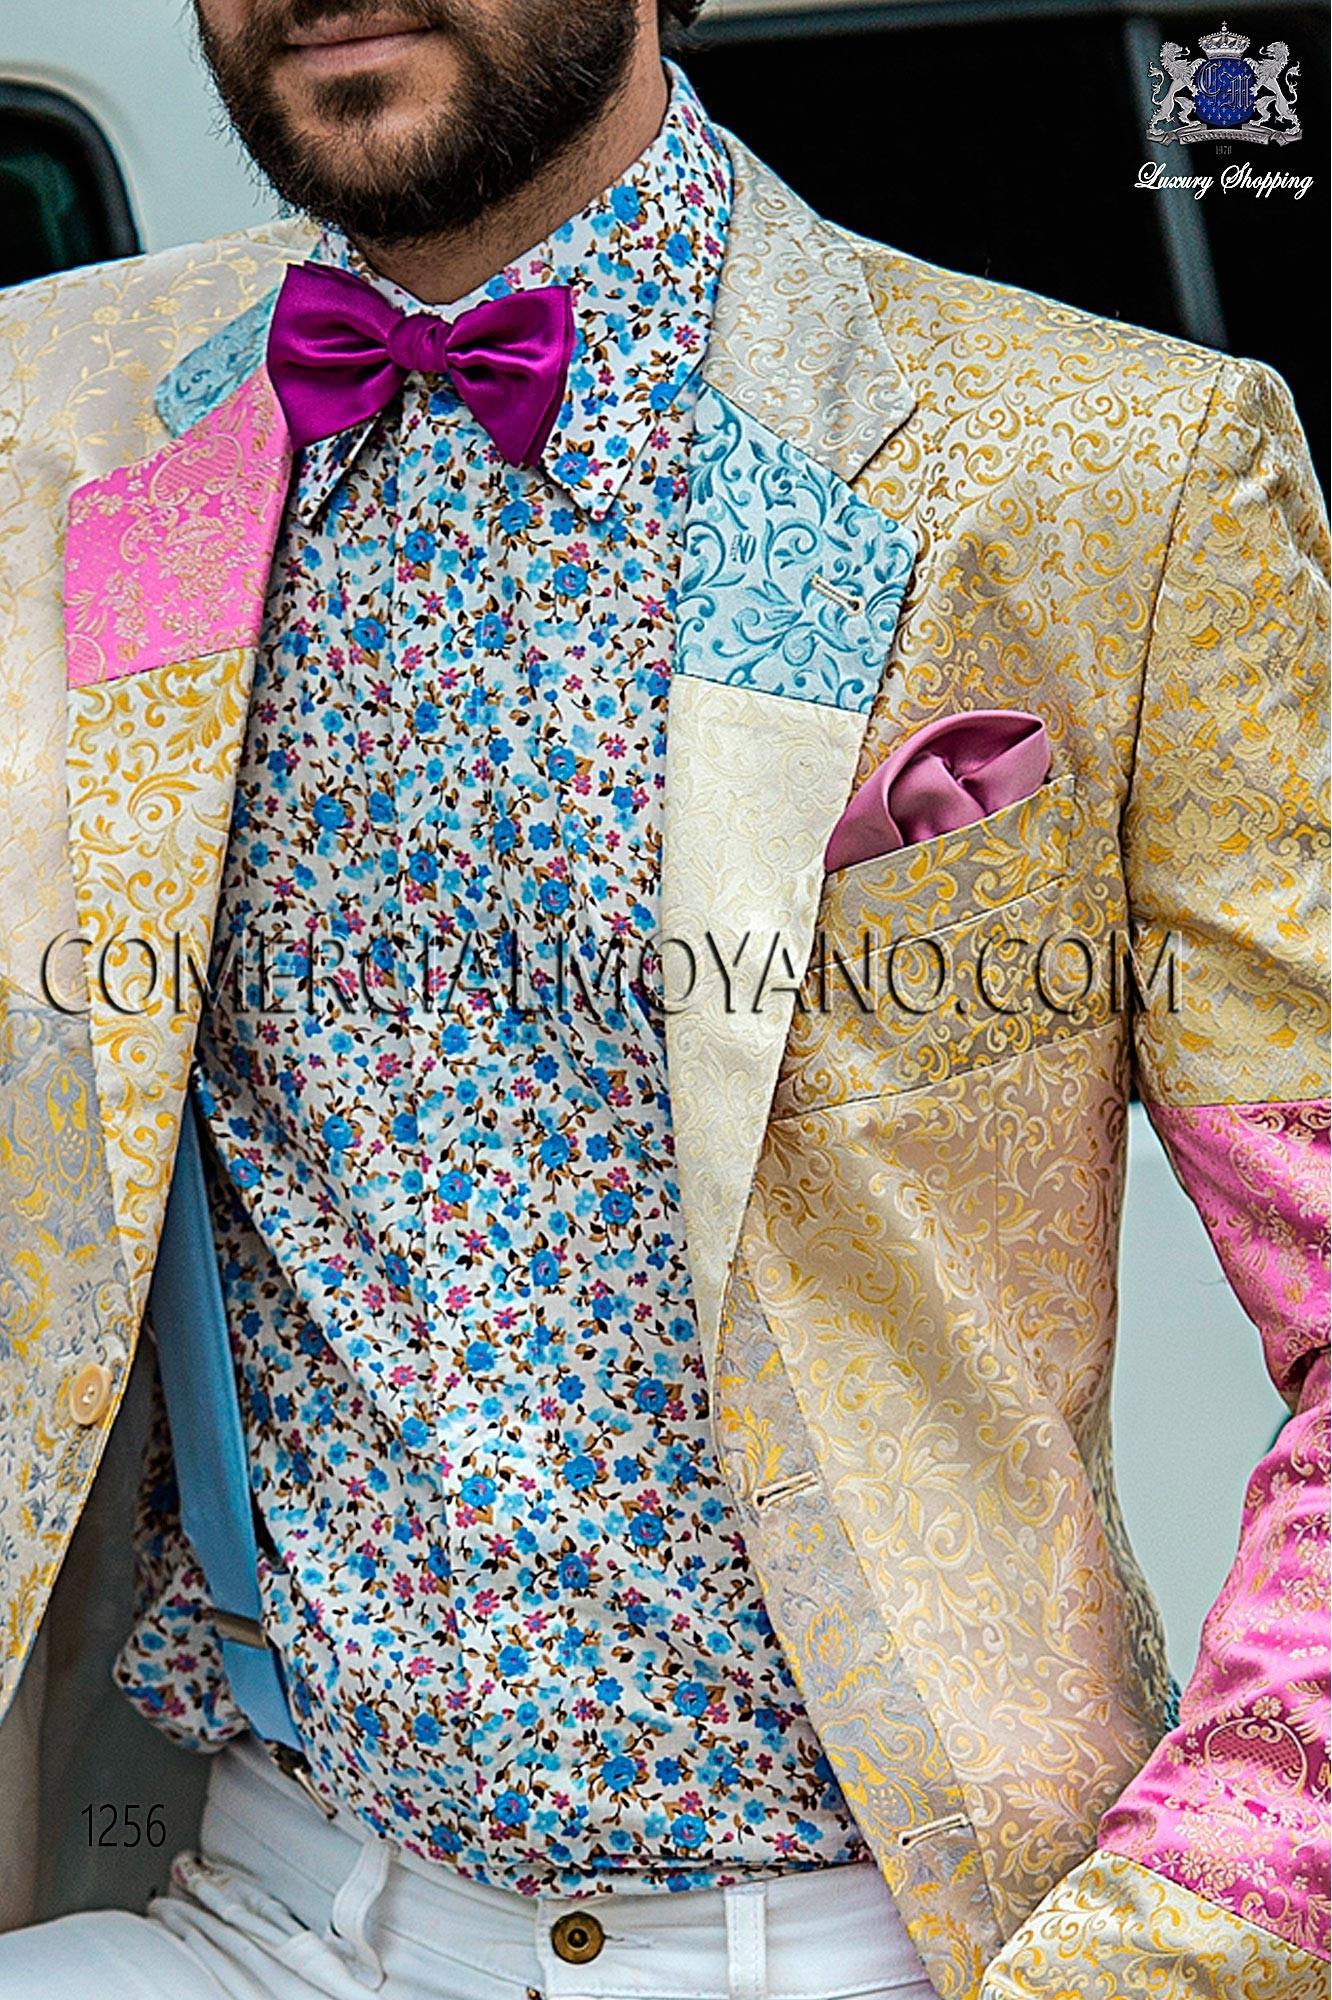 Traje Hipster de novio patchwork modelo: 1256 Ottavio Nuccio Gala colección Hipster